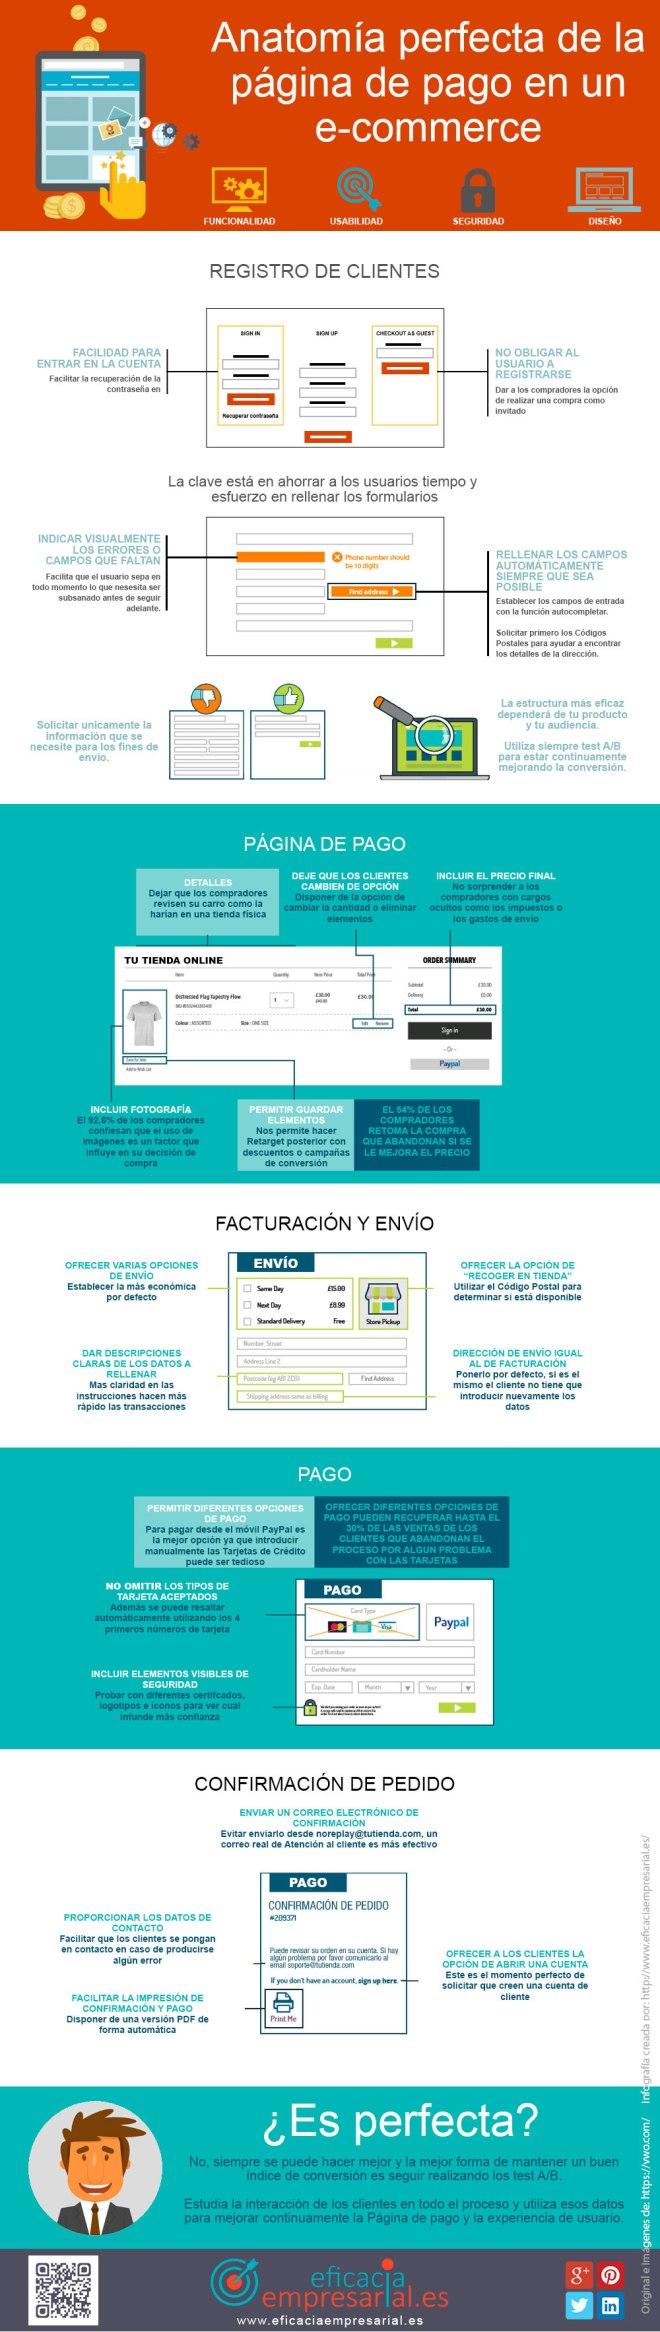 Anatomía perfecta de la página de pago en un e-commerce